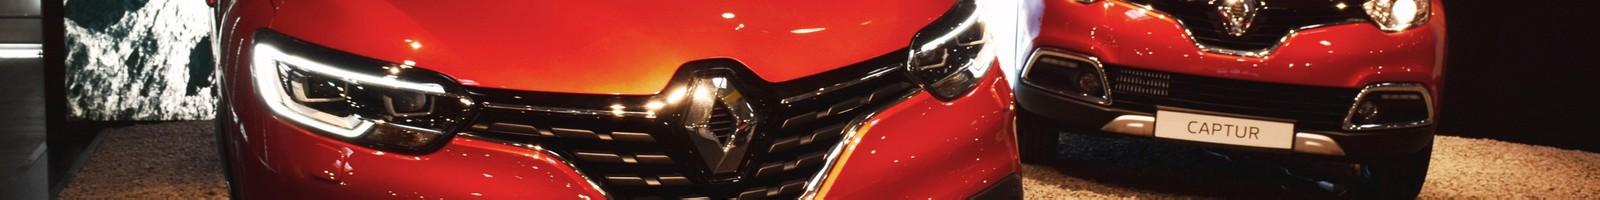 Les SUV risquent de se retrouver dans une mauvaise posture sur le marché de l'automobile